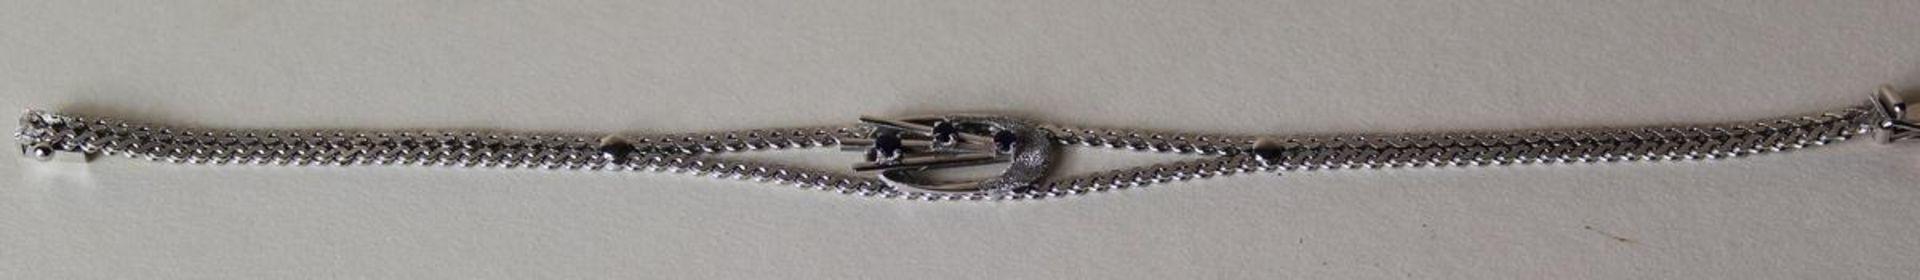 Armband geflochten Weissgold 14 kt mit synt. Saphiren, ein Stein beschädigt, punziert 585, Länge ca.